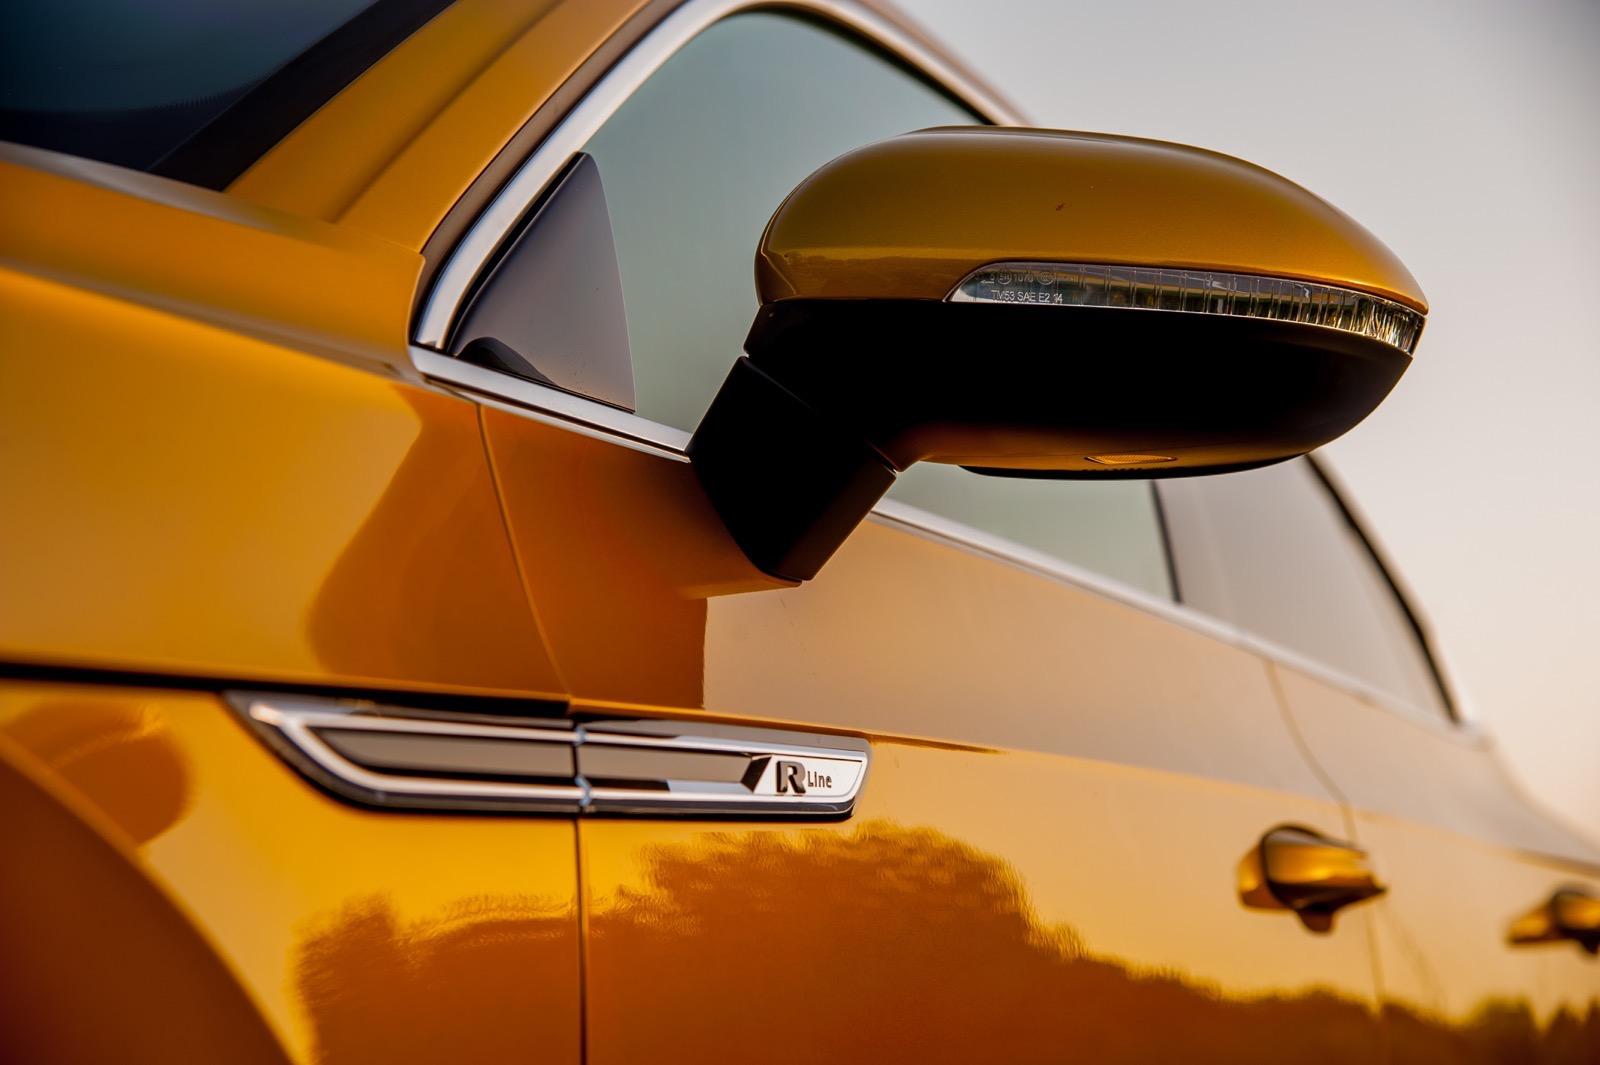 Volkswagen_Arteon_Greek_Presentataion_52